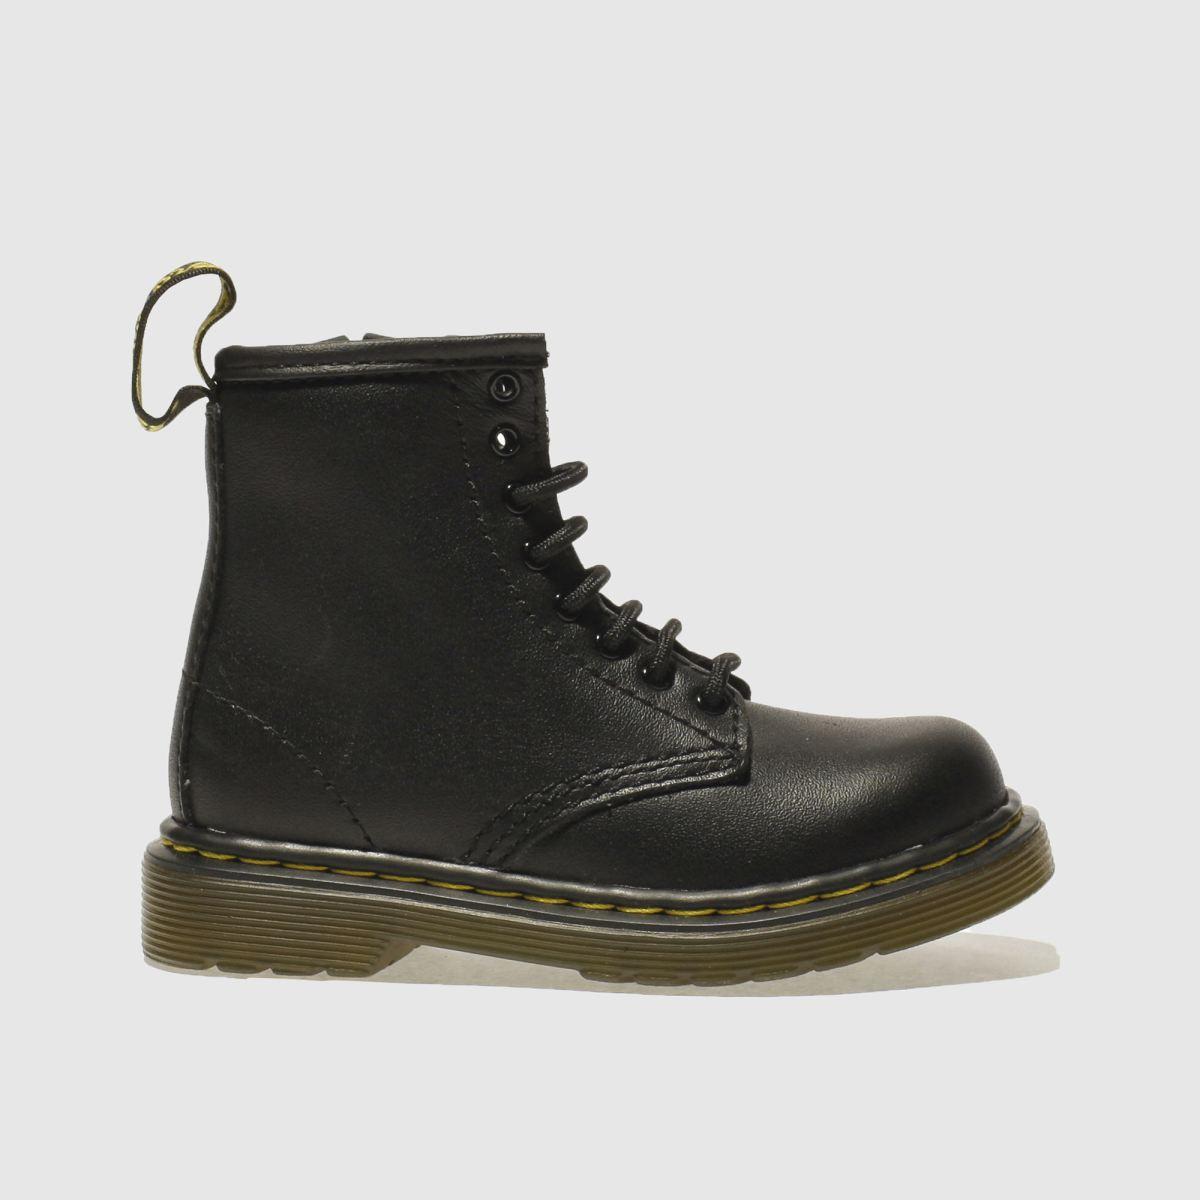 Dr Martens Black 1460 Toddler Boots